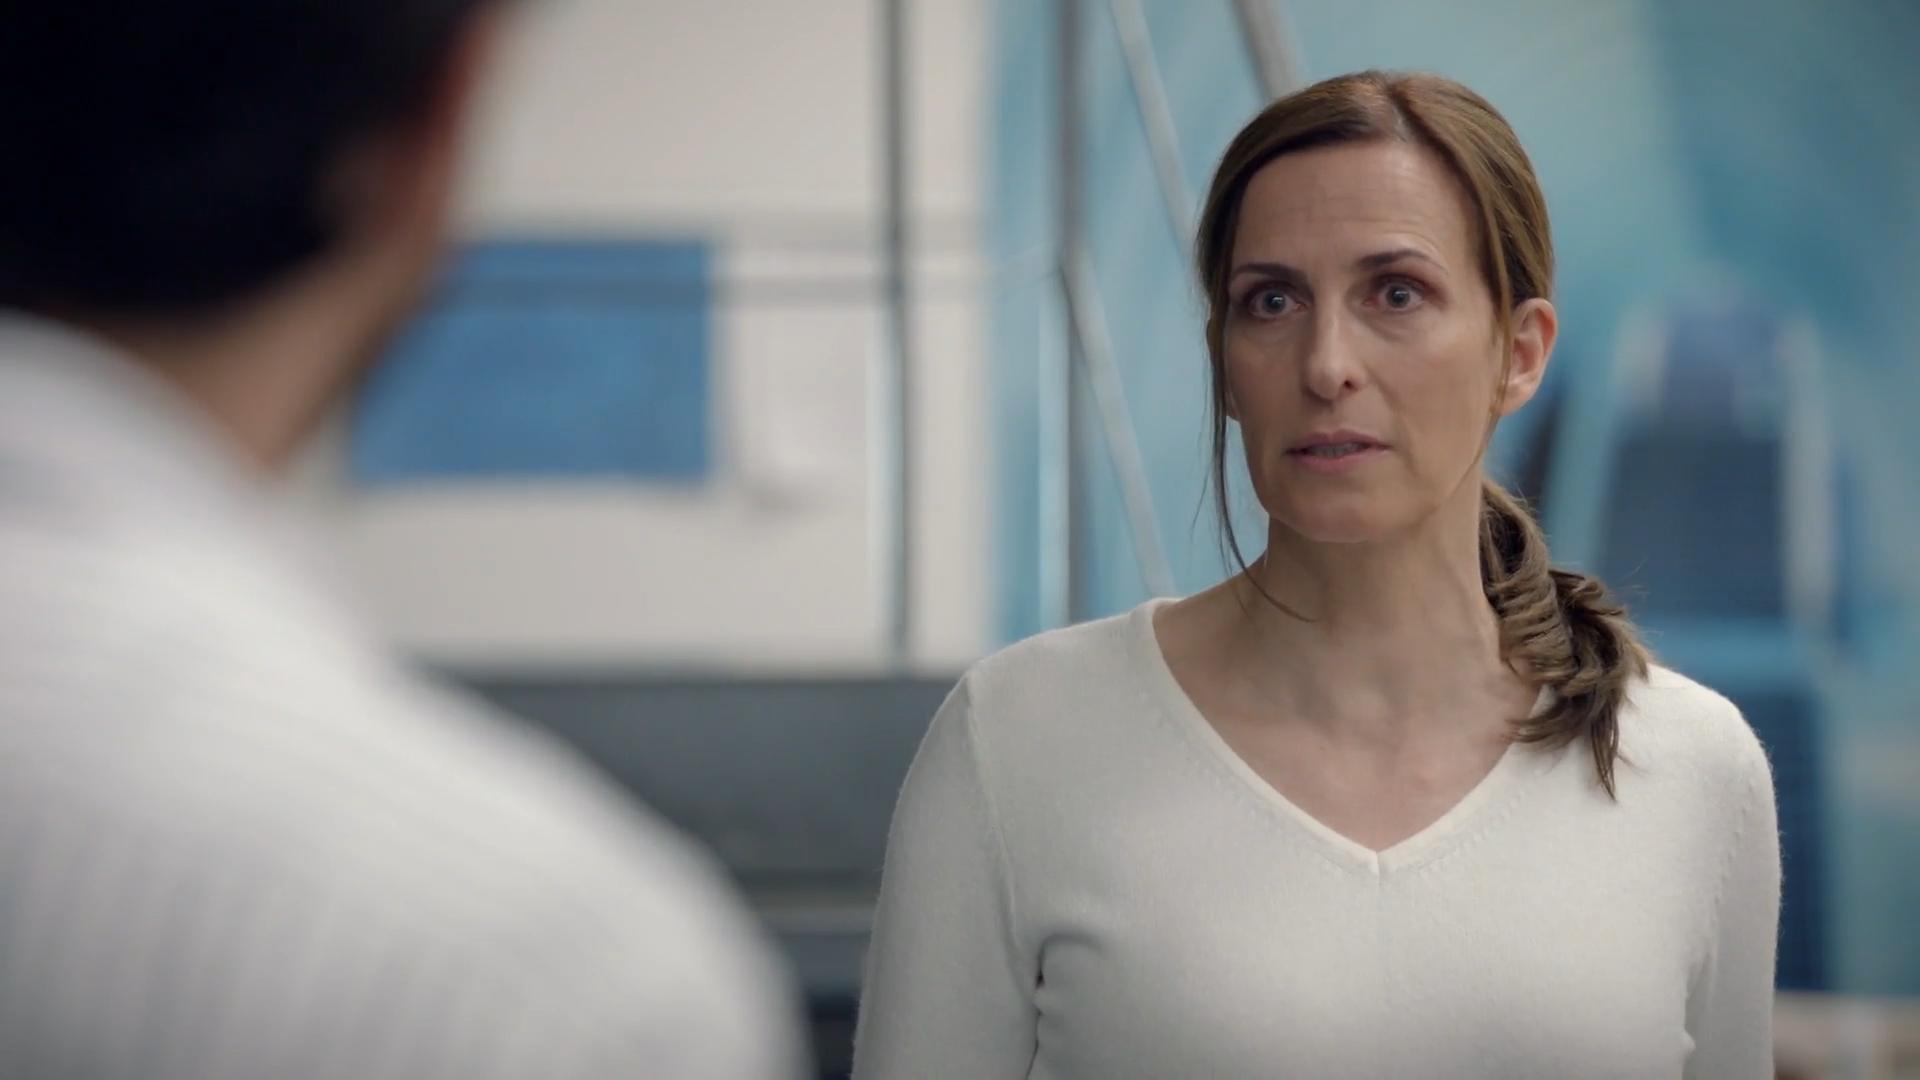 GZSZ heute im TV: Trennt sich Katrin jetzt von Tobias?